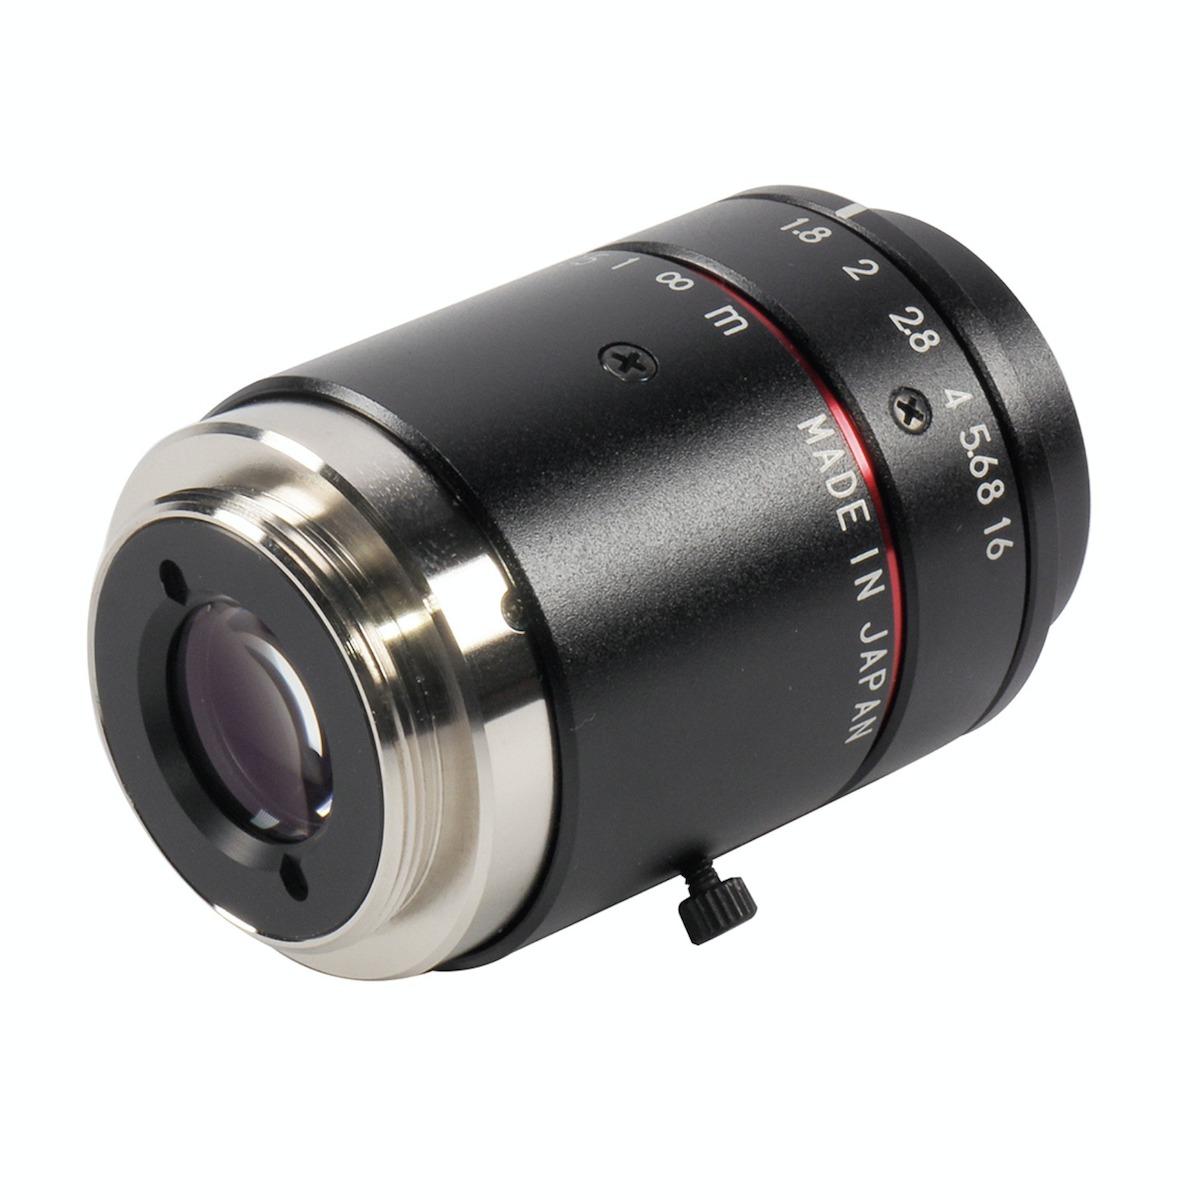 Kowa LM16JC10M lens rear 3/4 view